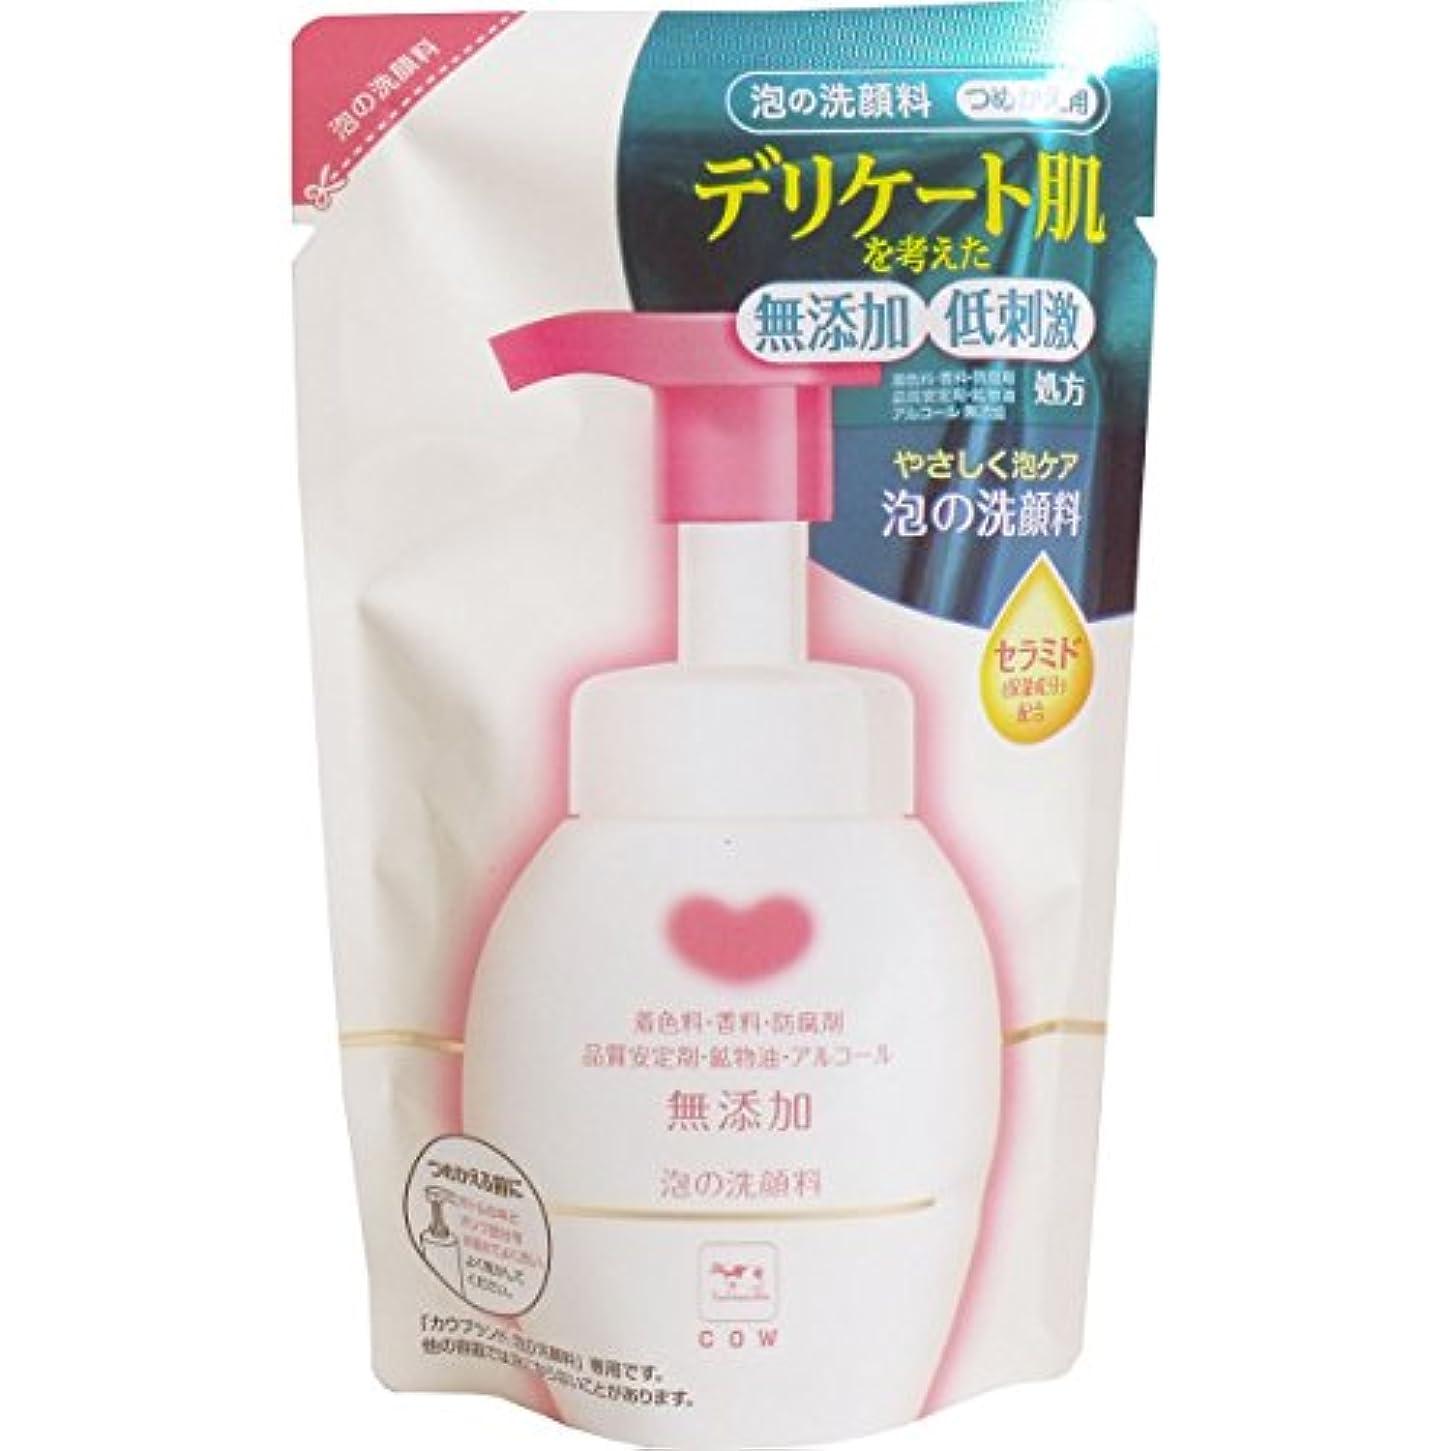 灰ガムオーストラリアカウブランド 無添加 泡の洗顔料 つめかえ用 180ml 8セット